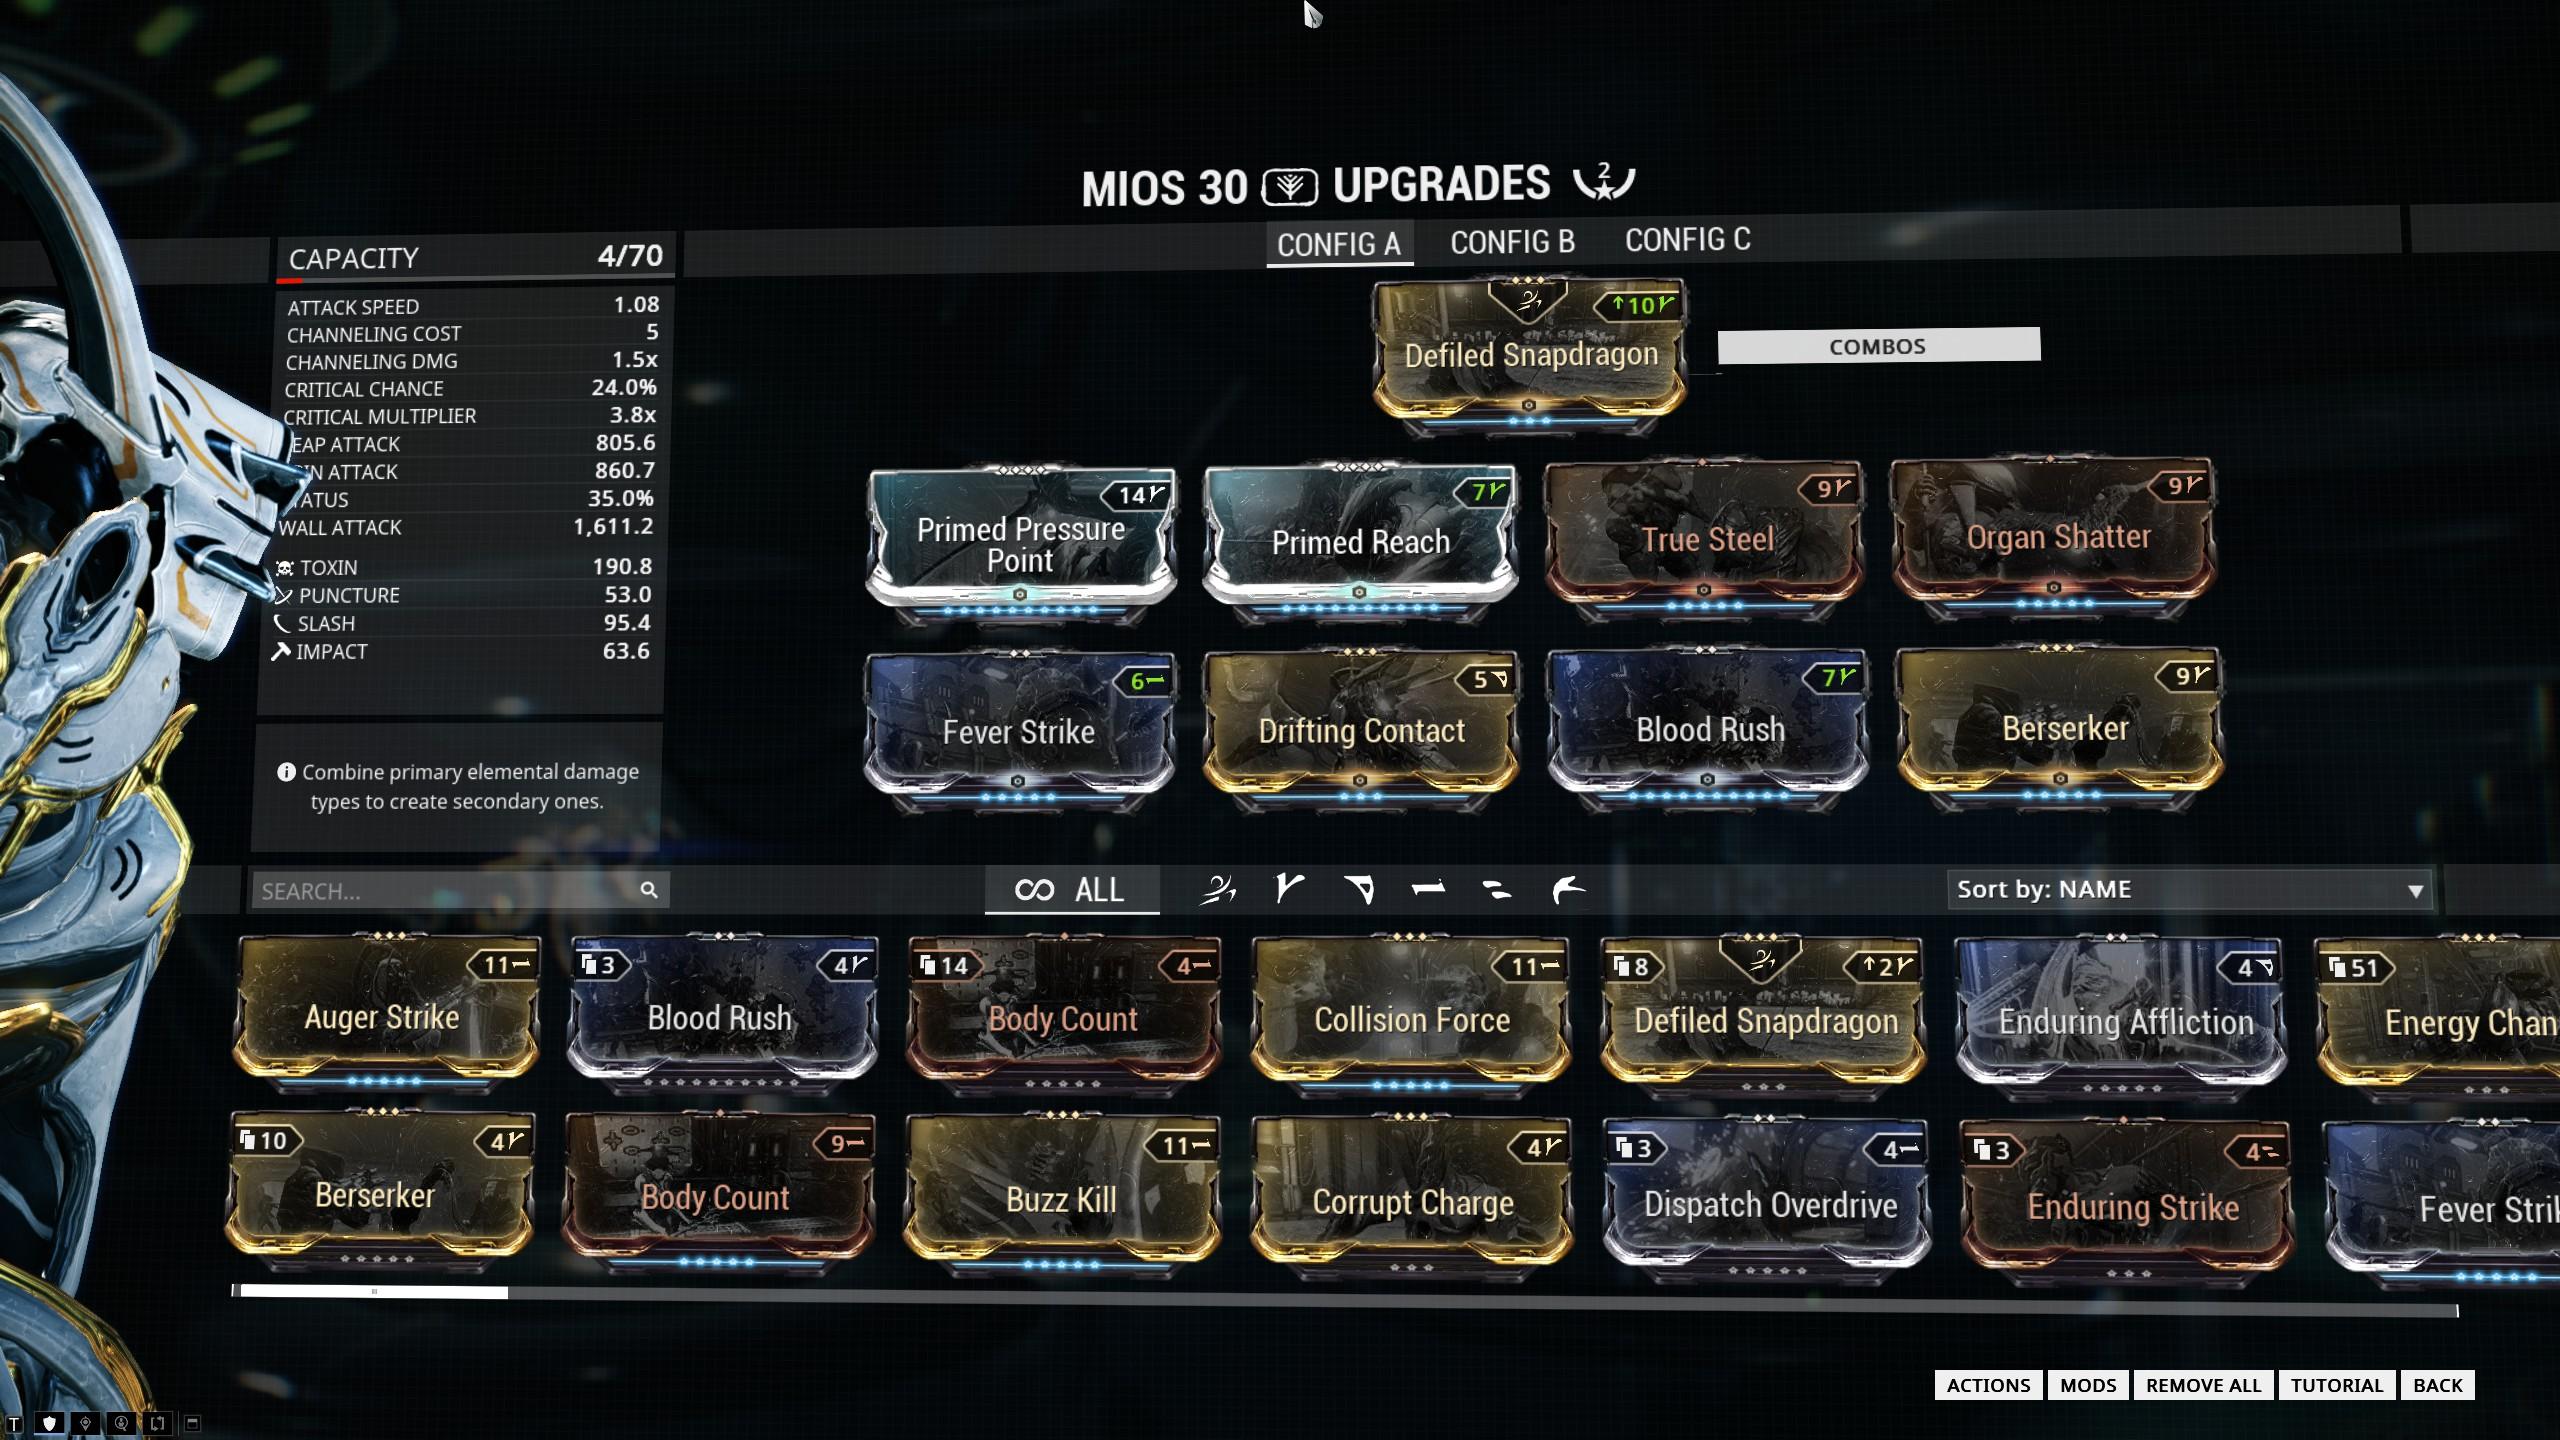 Mios Build